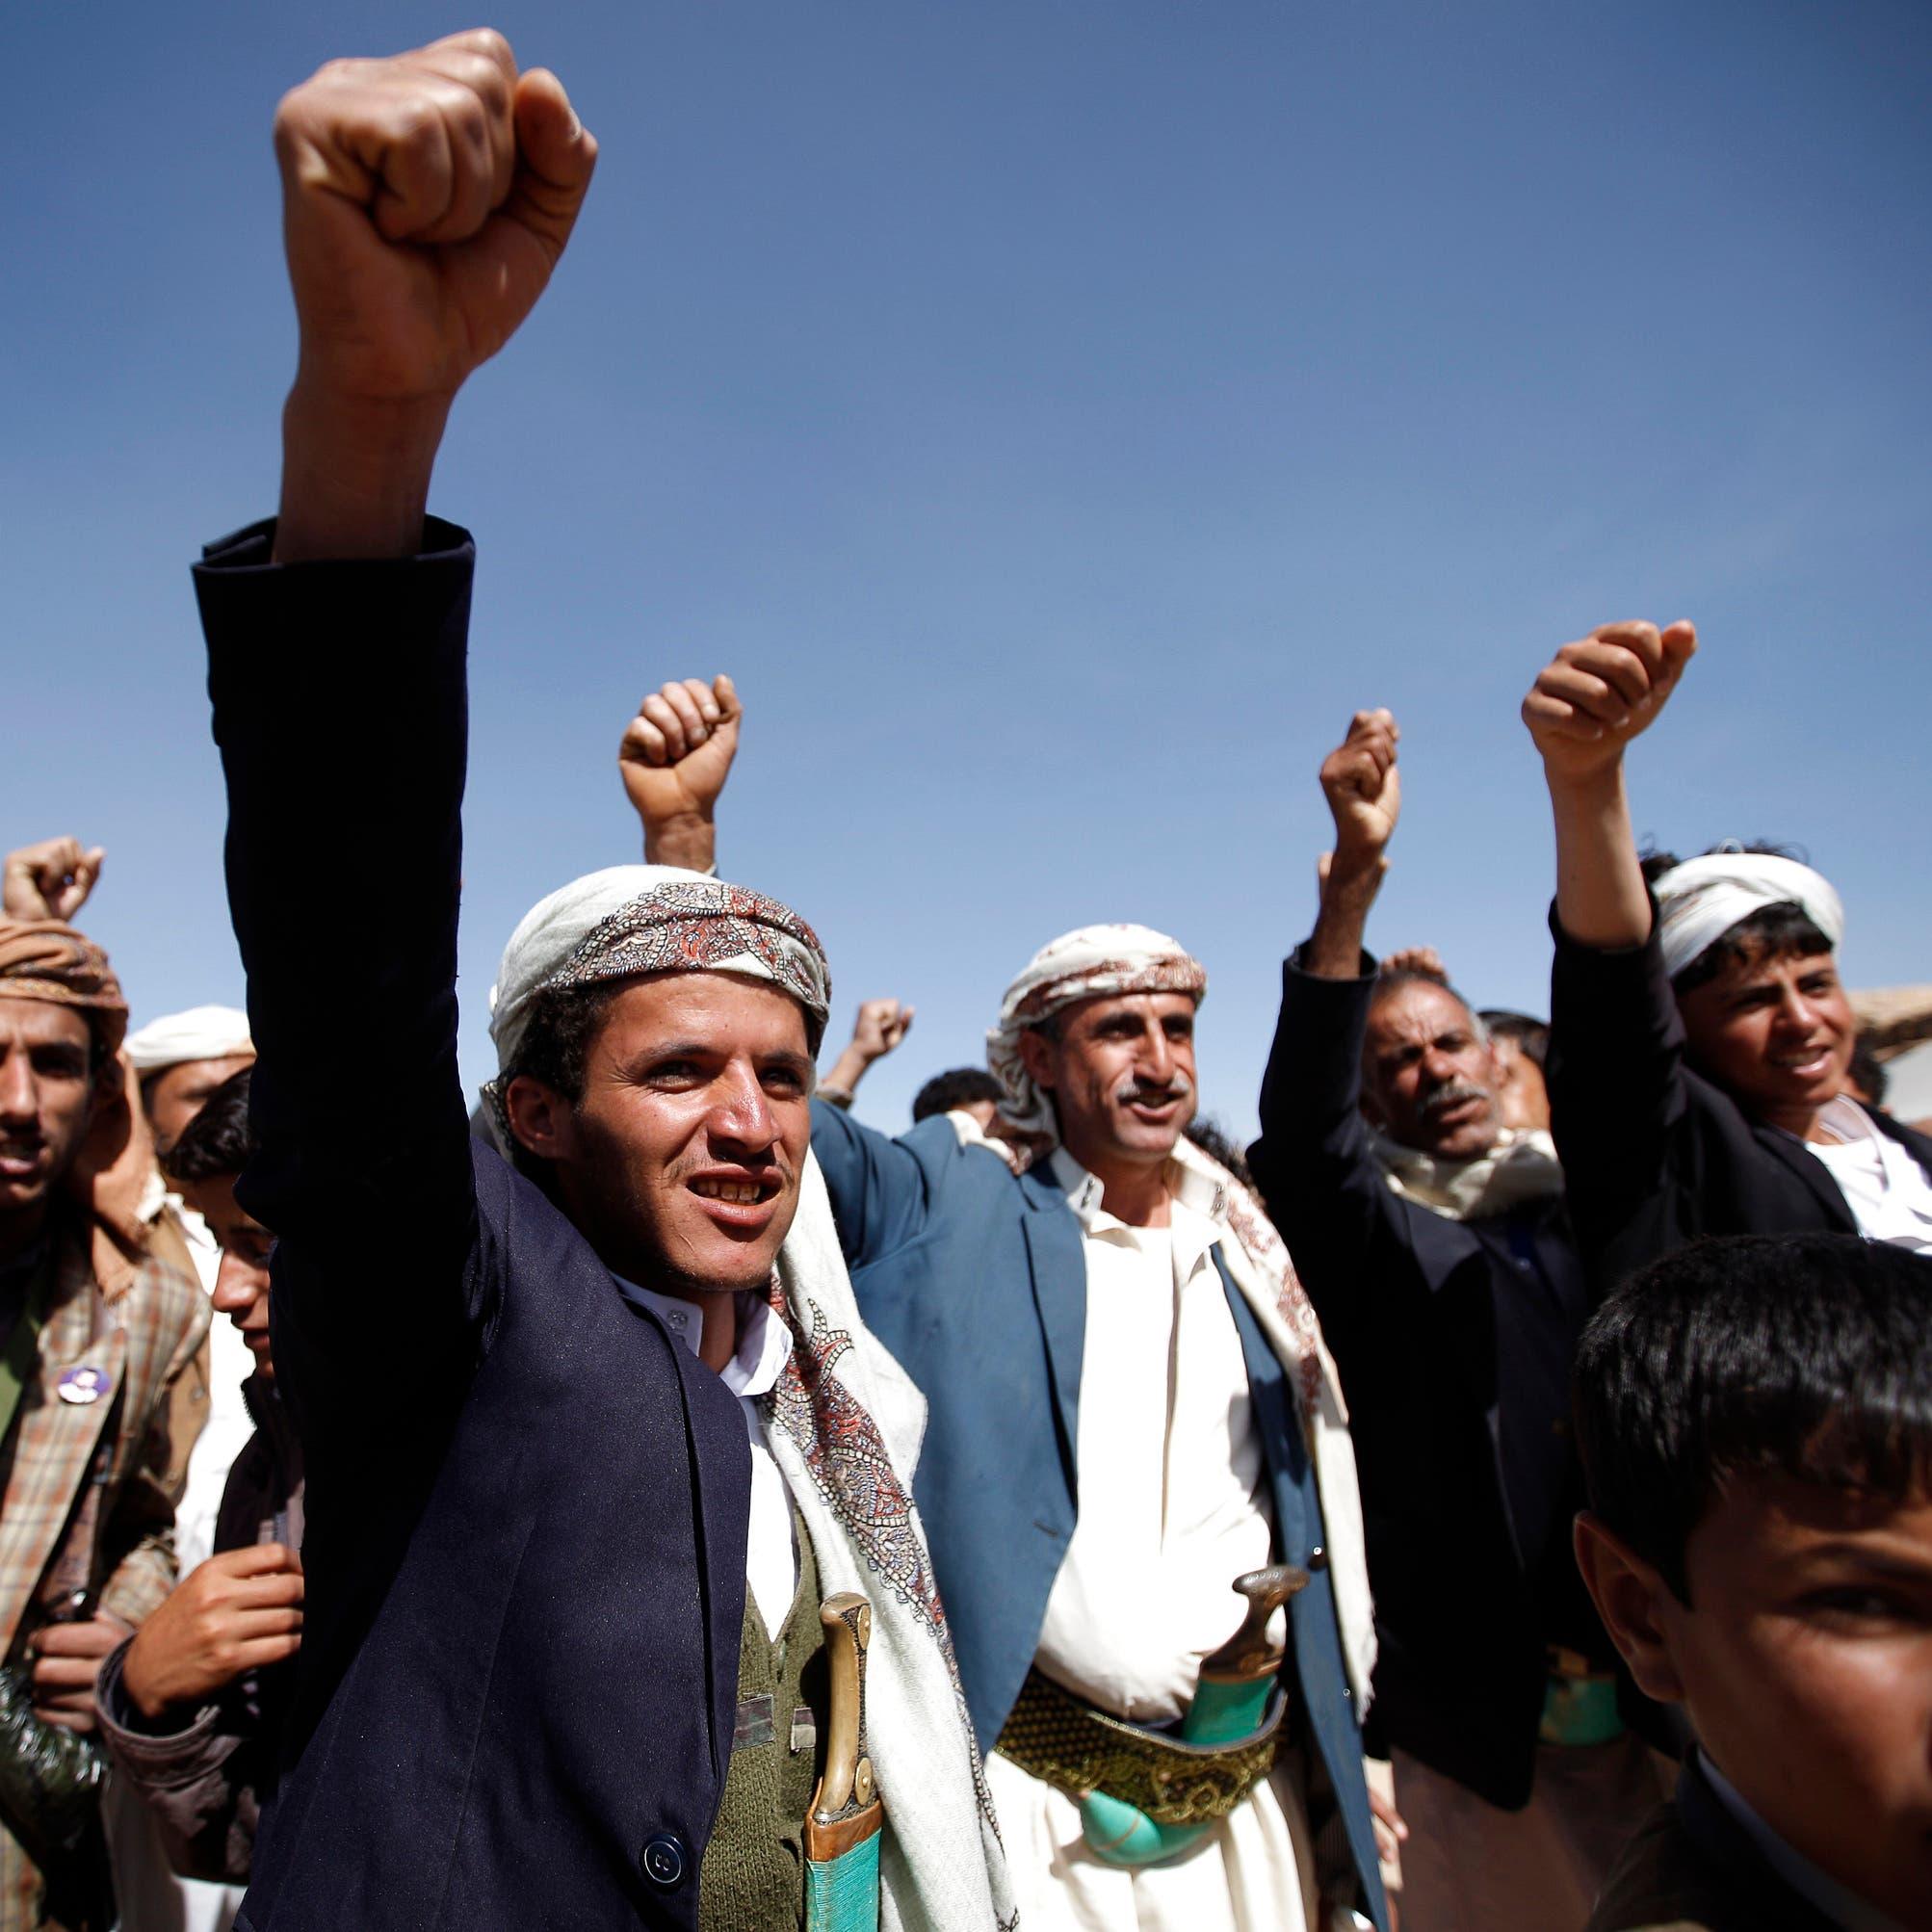 بالأسماء.. الحوثيون يصفّون 24 شيخاً قبلياً من الموالين لهم